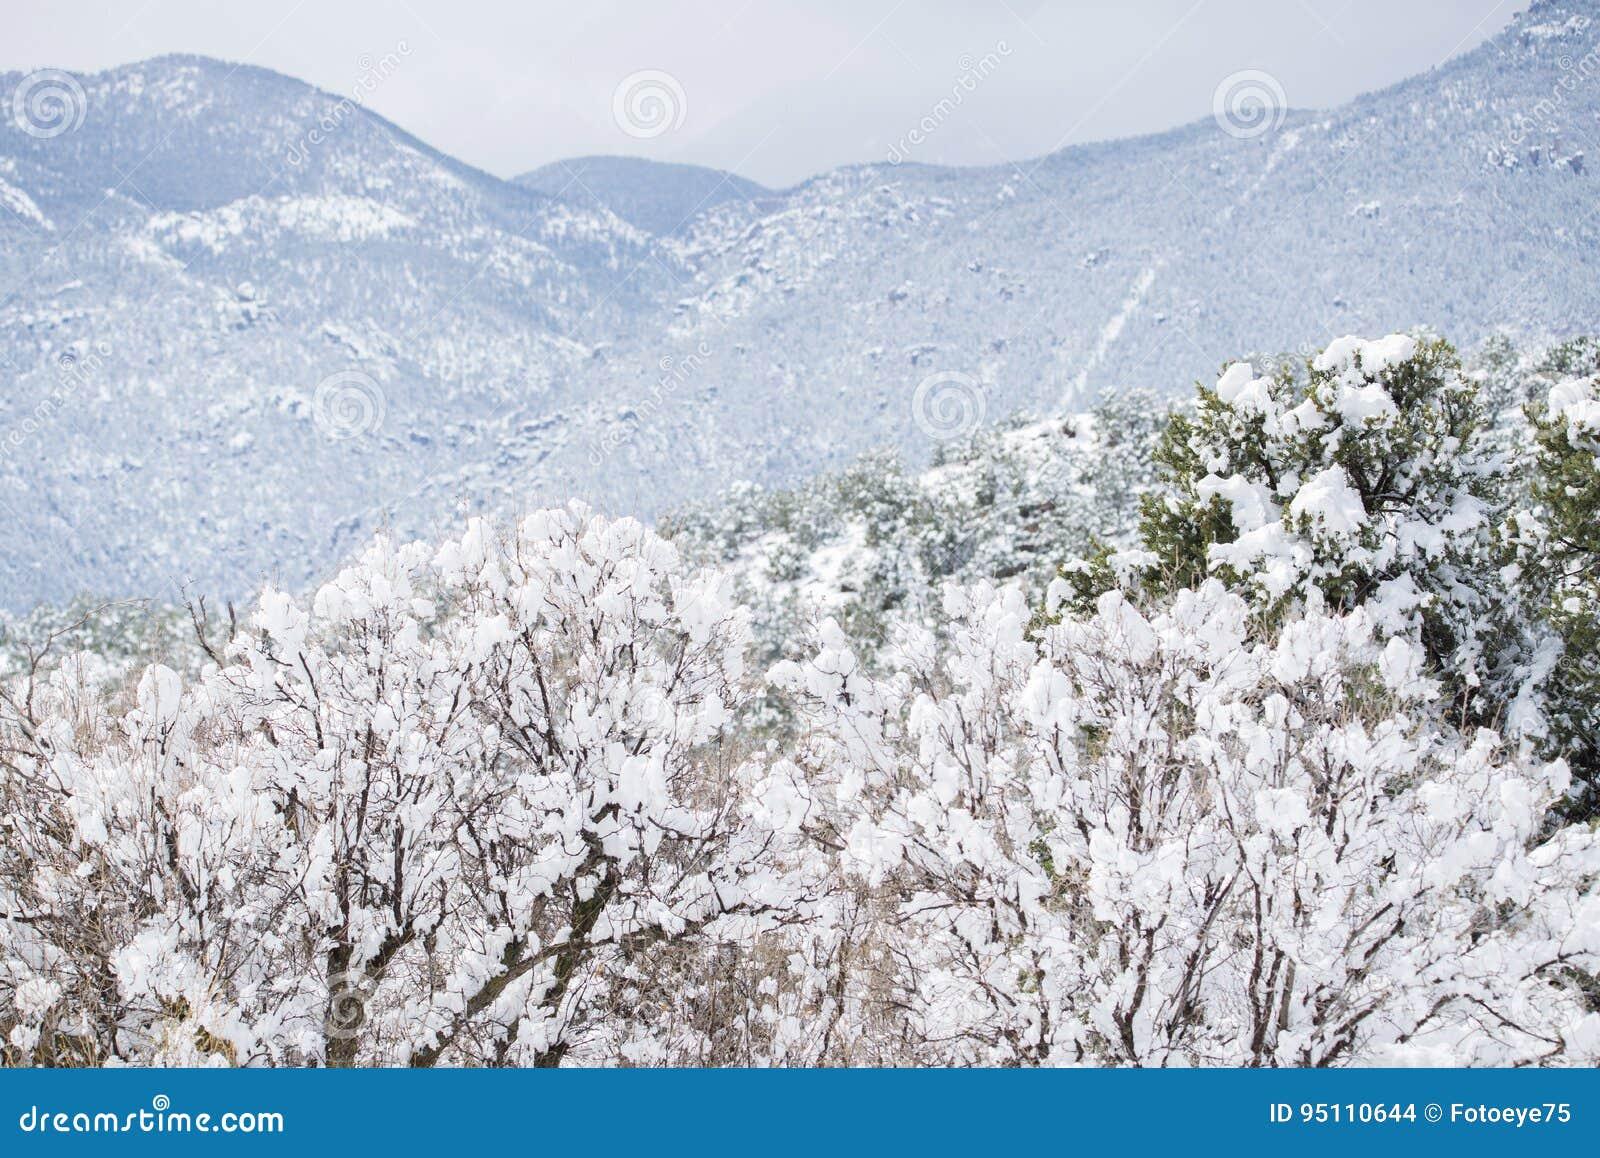 Colorado Springs Pikes Peak Range Winter Snow Stock Photo